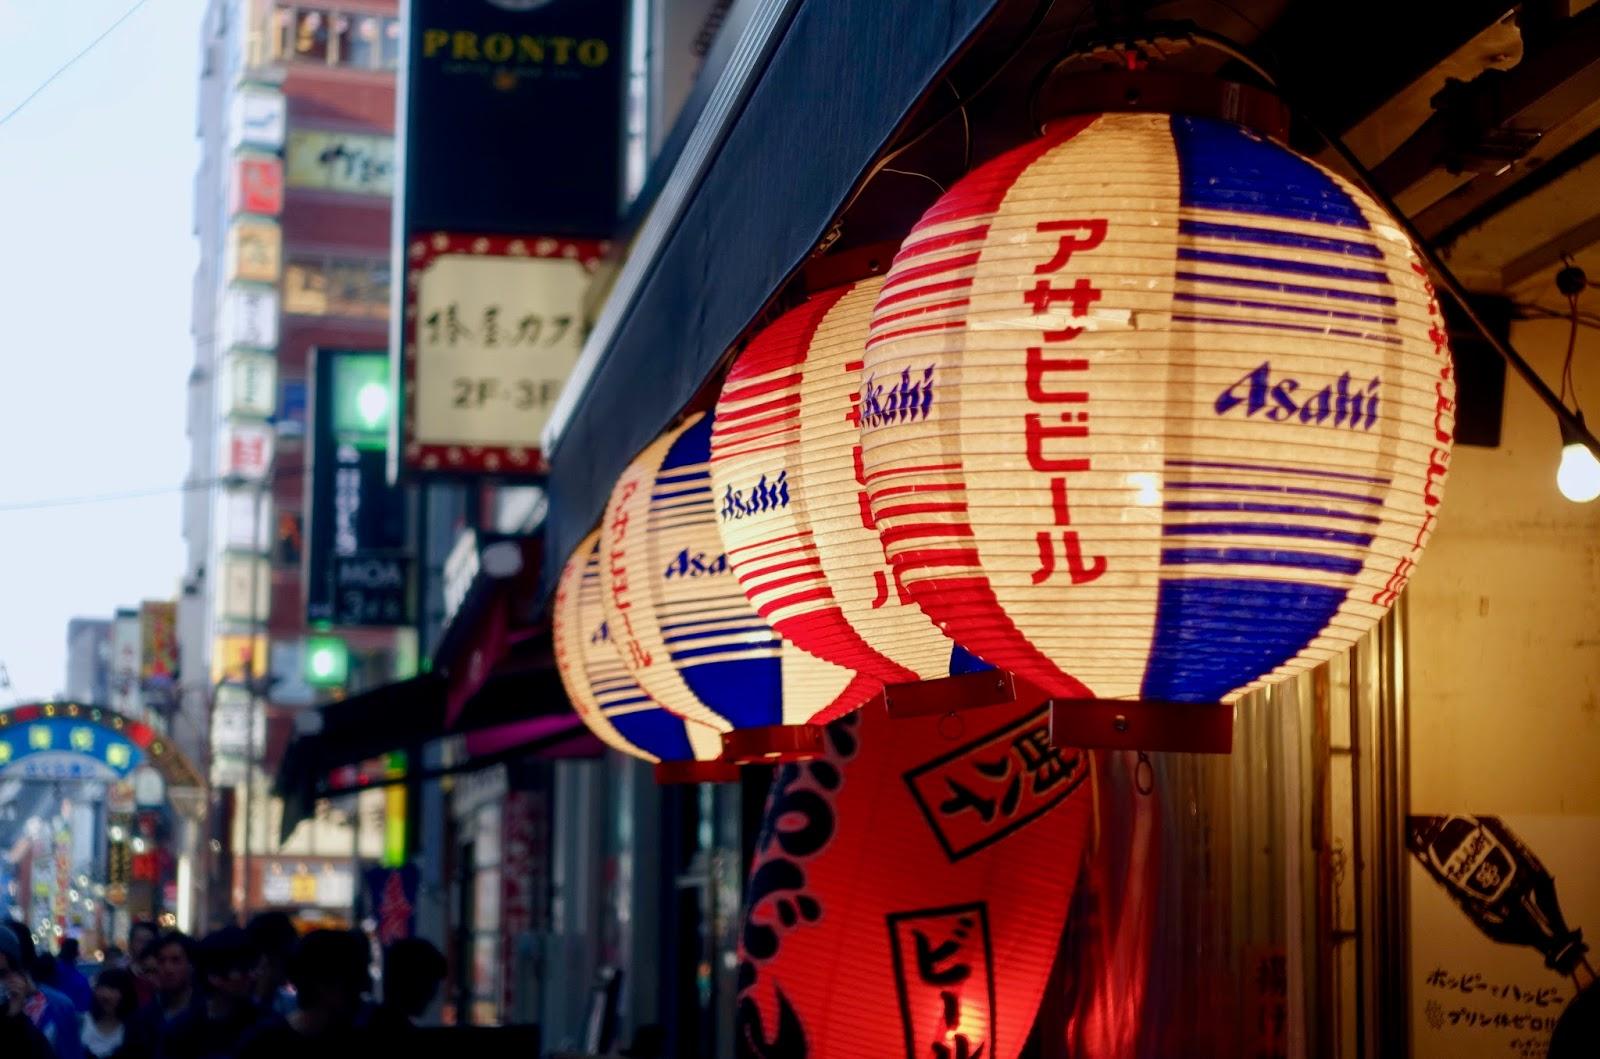 THINGS TO SEE IN TOKYO JAPAN